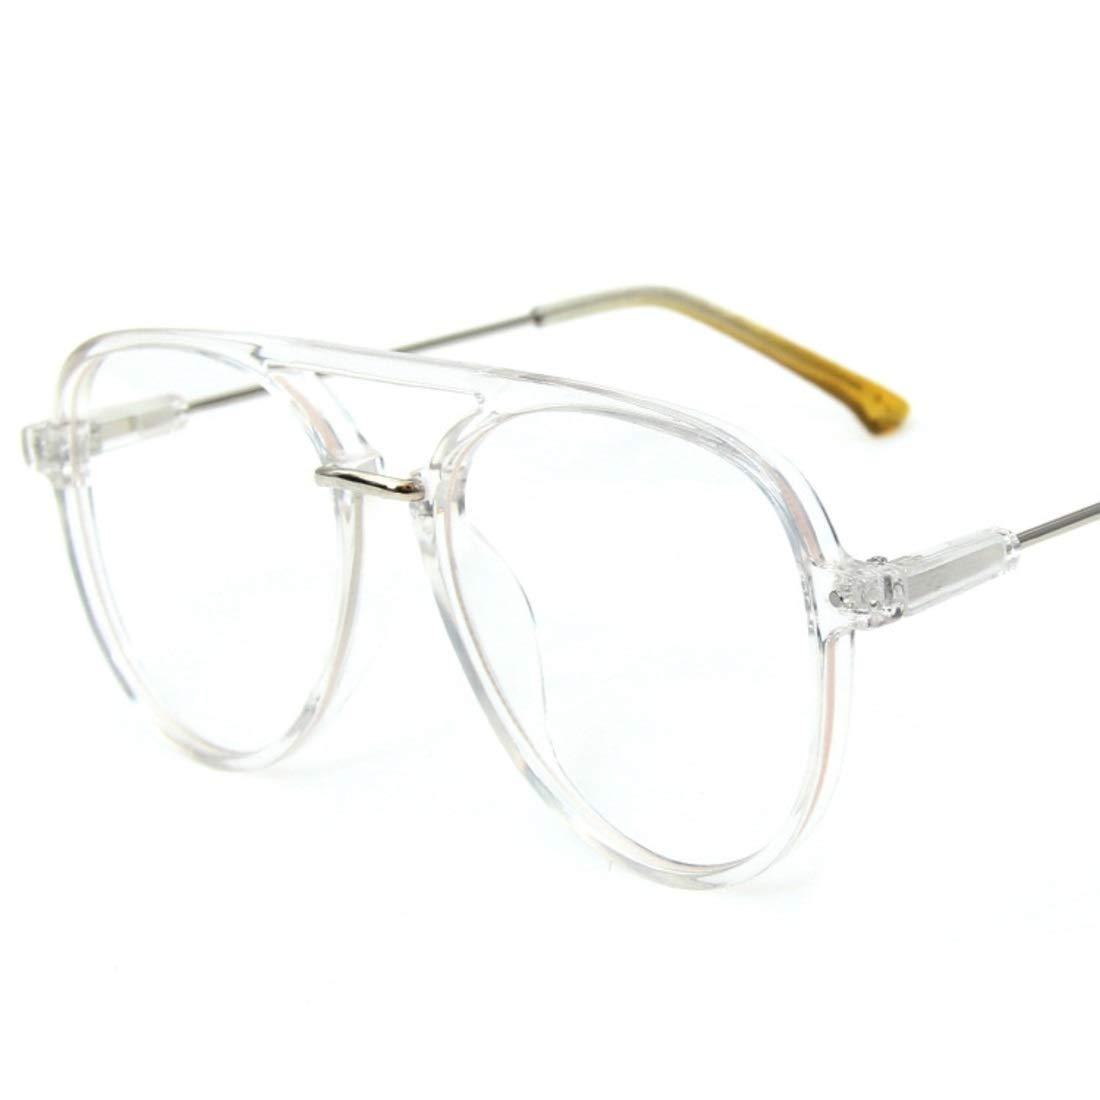 Gafas unisex de moda con montura transparente realizada en plástico.